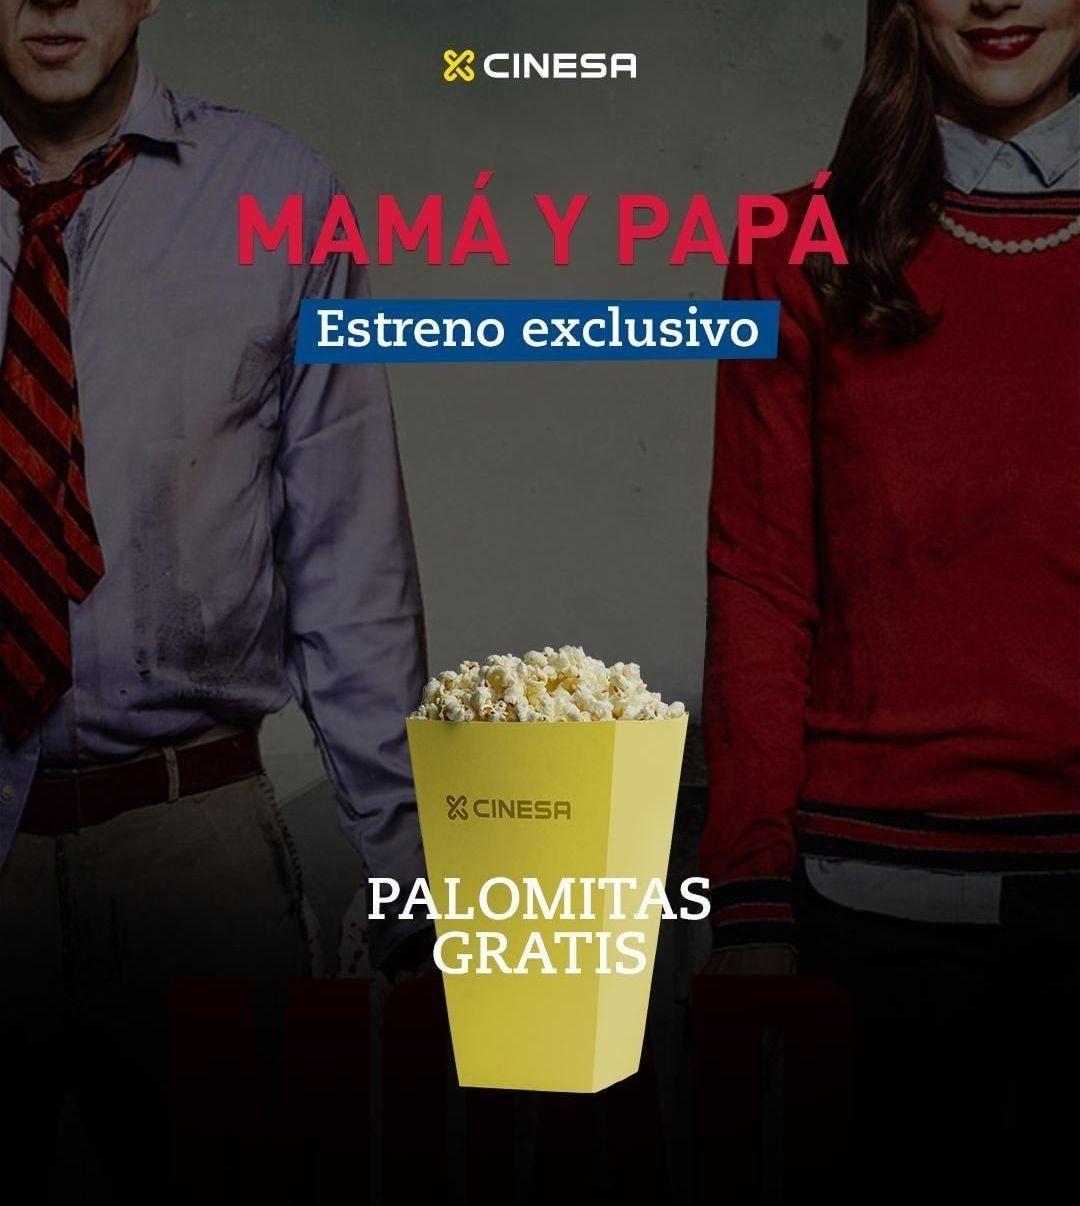 """Palomitas gratis con tu entrada para """"Mamá y papa"""" en Cinesa"""